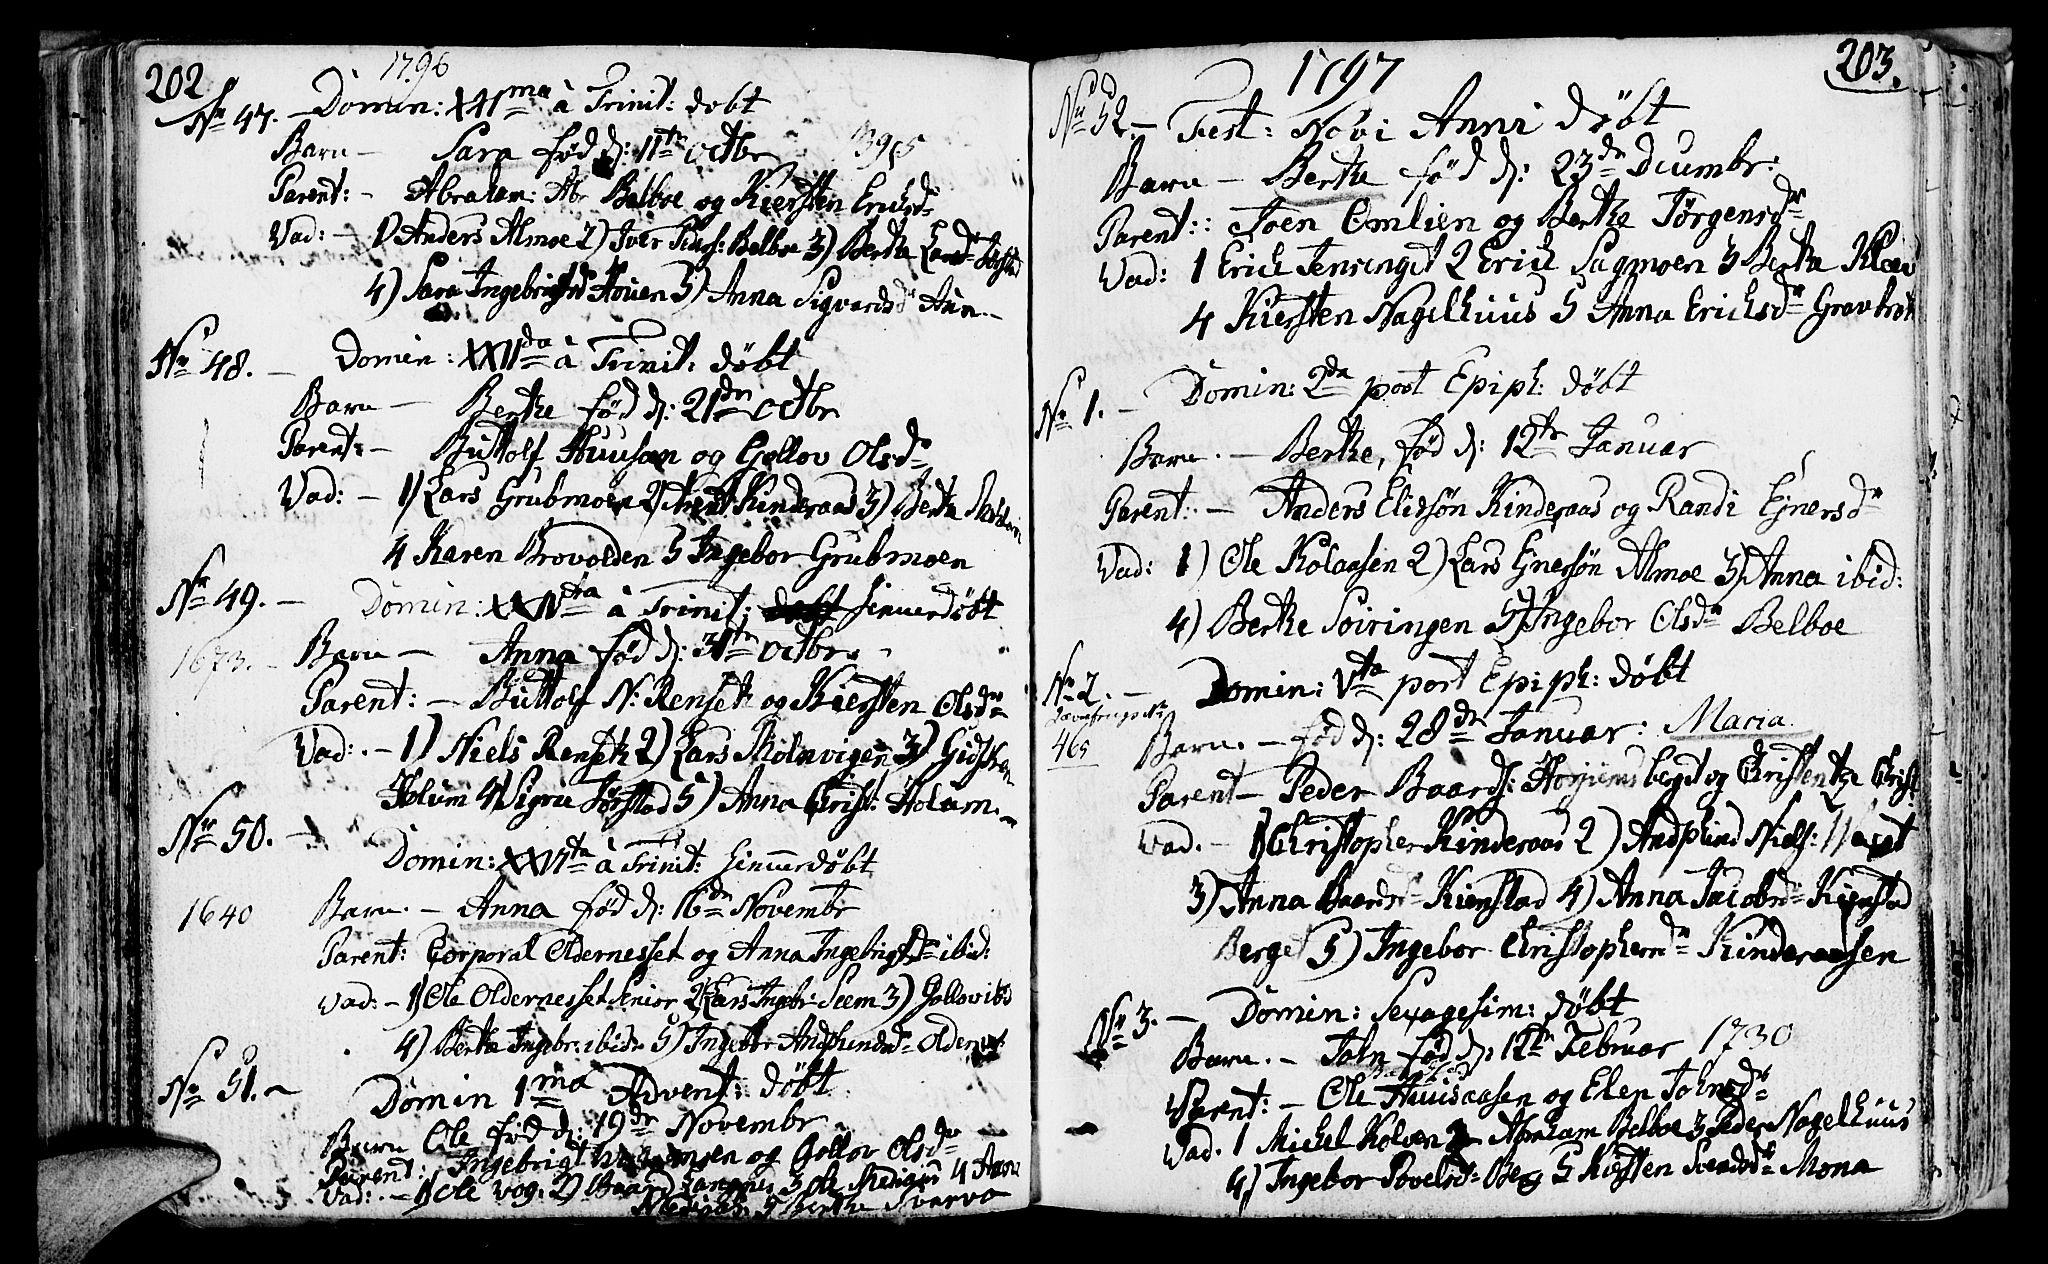 SAT, Ministerialprotokoller, klokkerbøker og fødselsregistre - Nord-Trøndelag, 749/L0468: Ministerialbok nr. 749A02, 1787-1817, s. 202-203